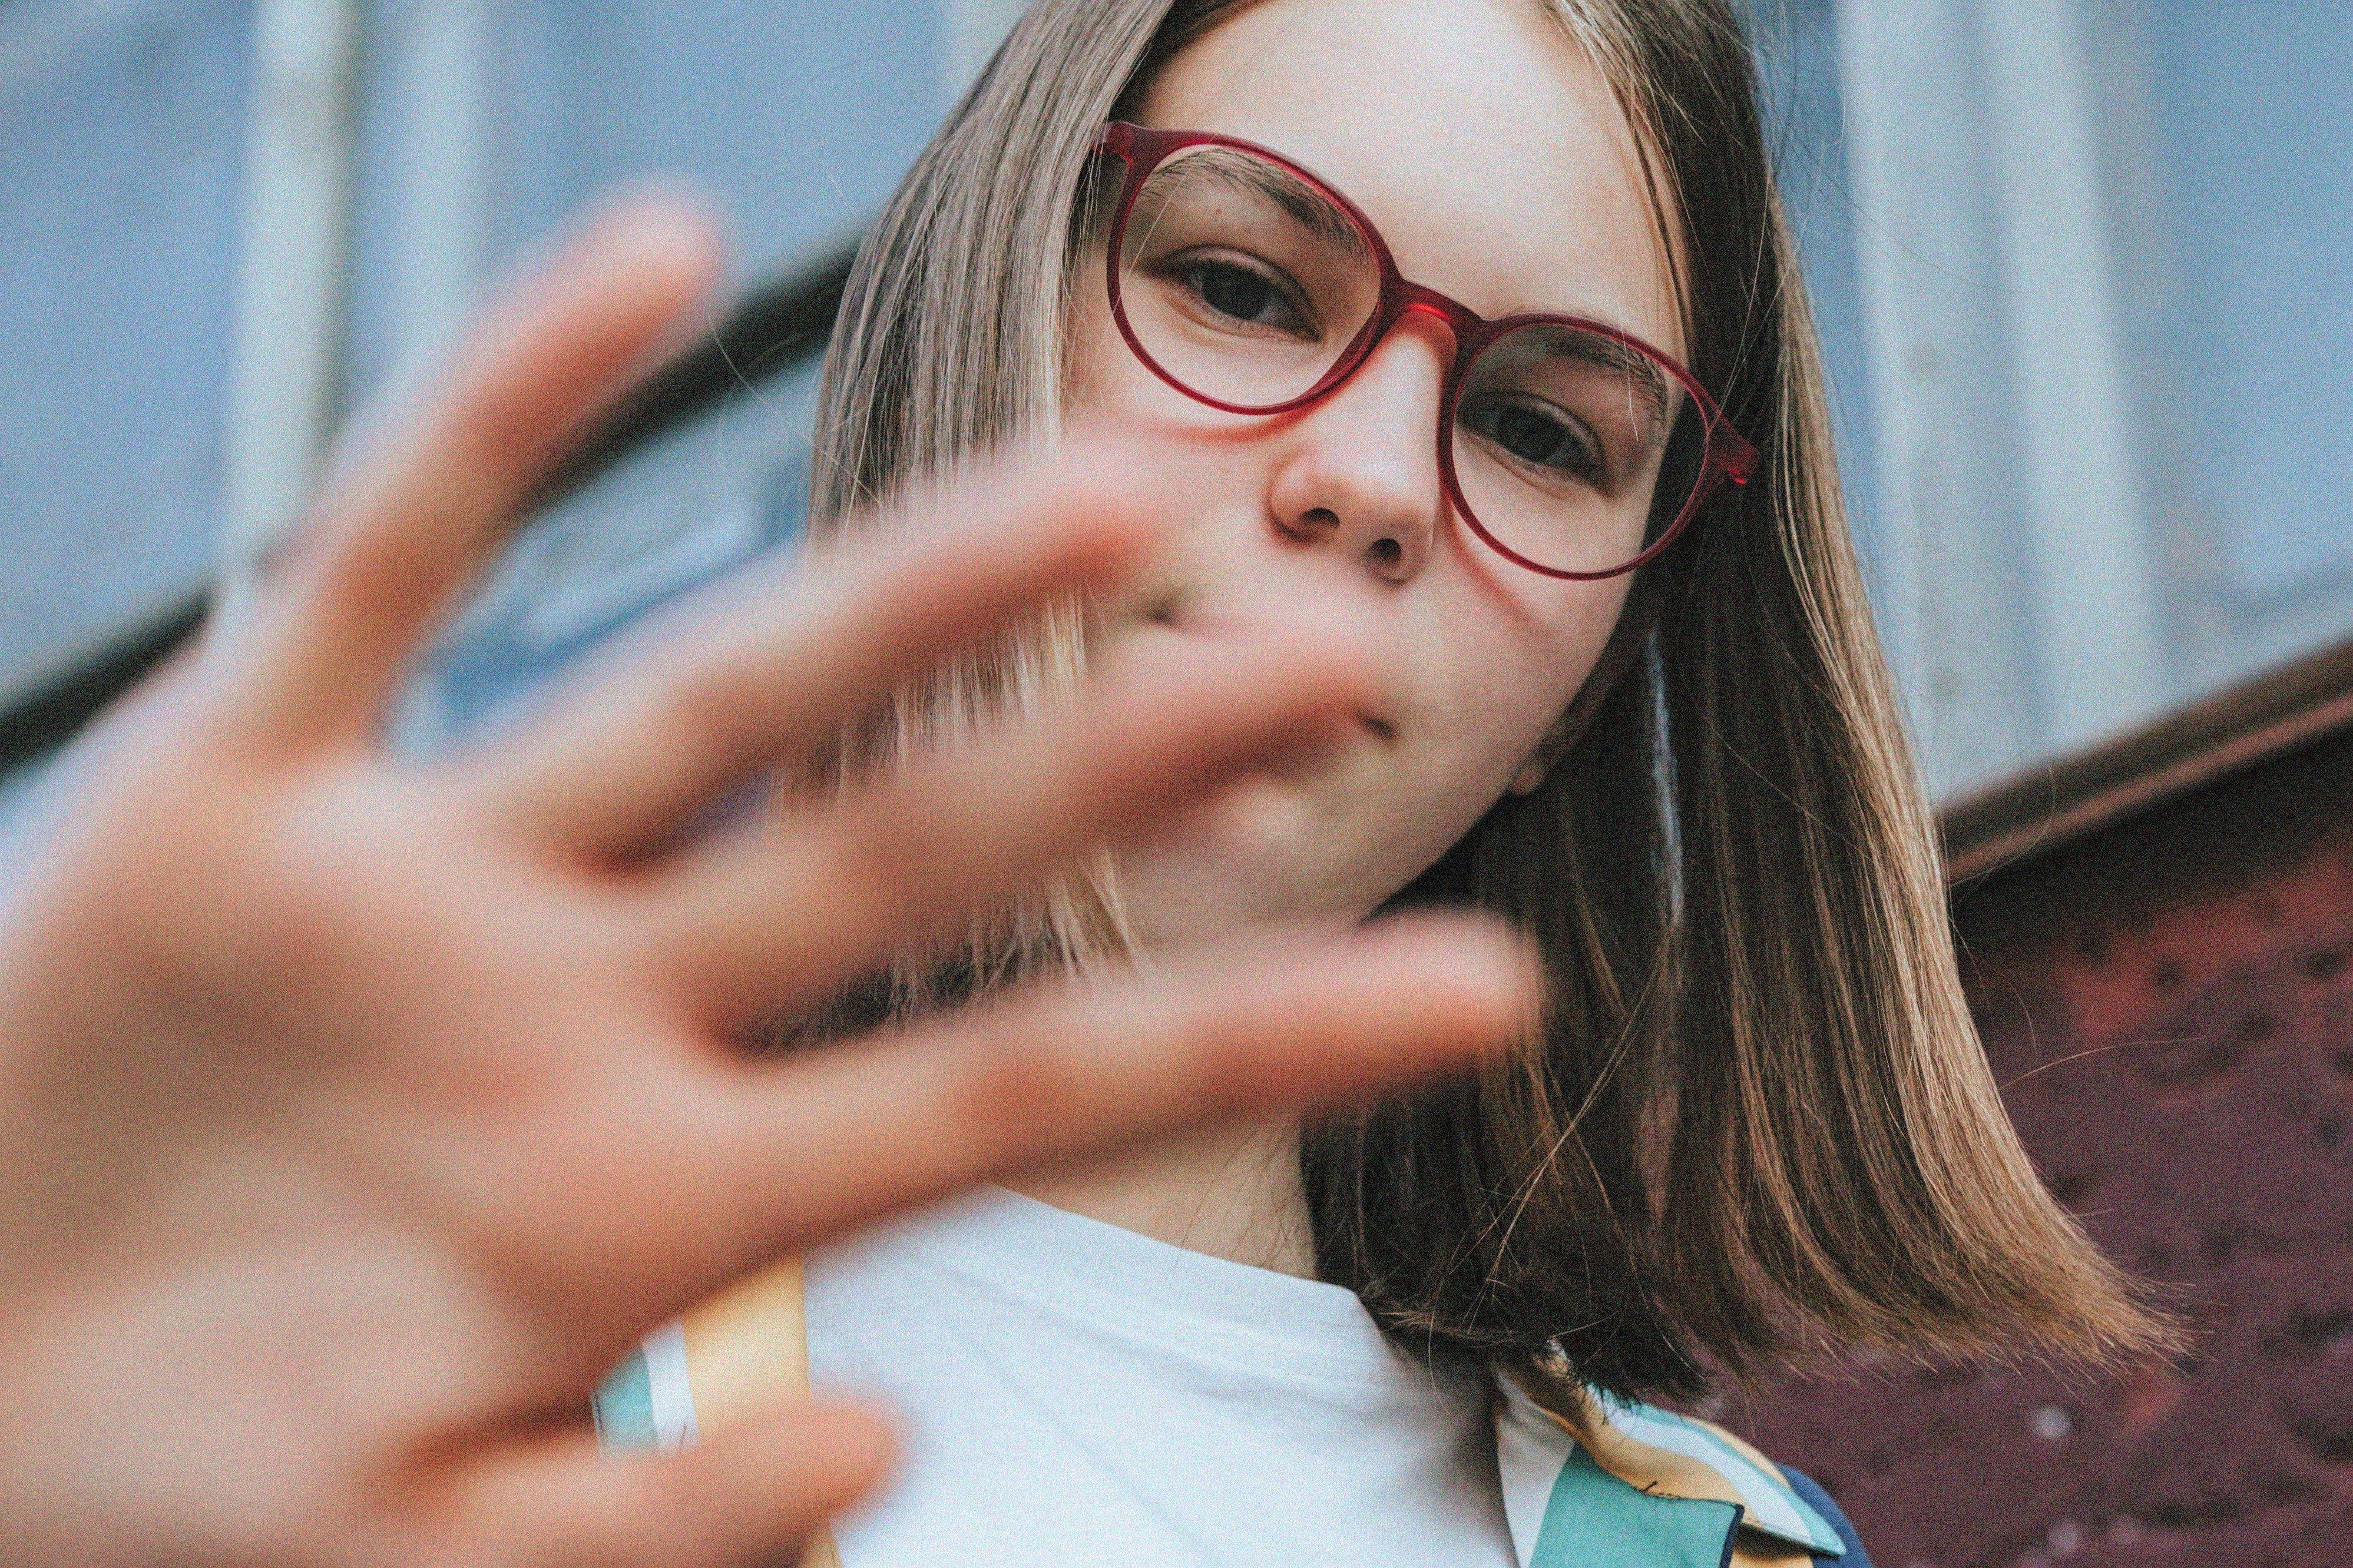 Jente i begynnelsen av tenårene ser ned mot kameraet og holder hånden opp for å hindre at fotografen kommer nærmere.